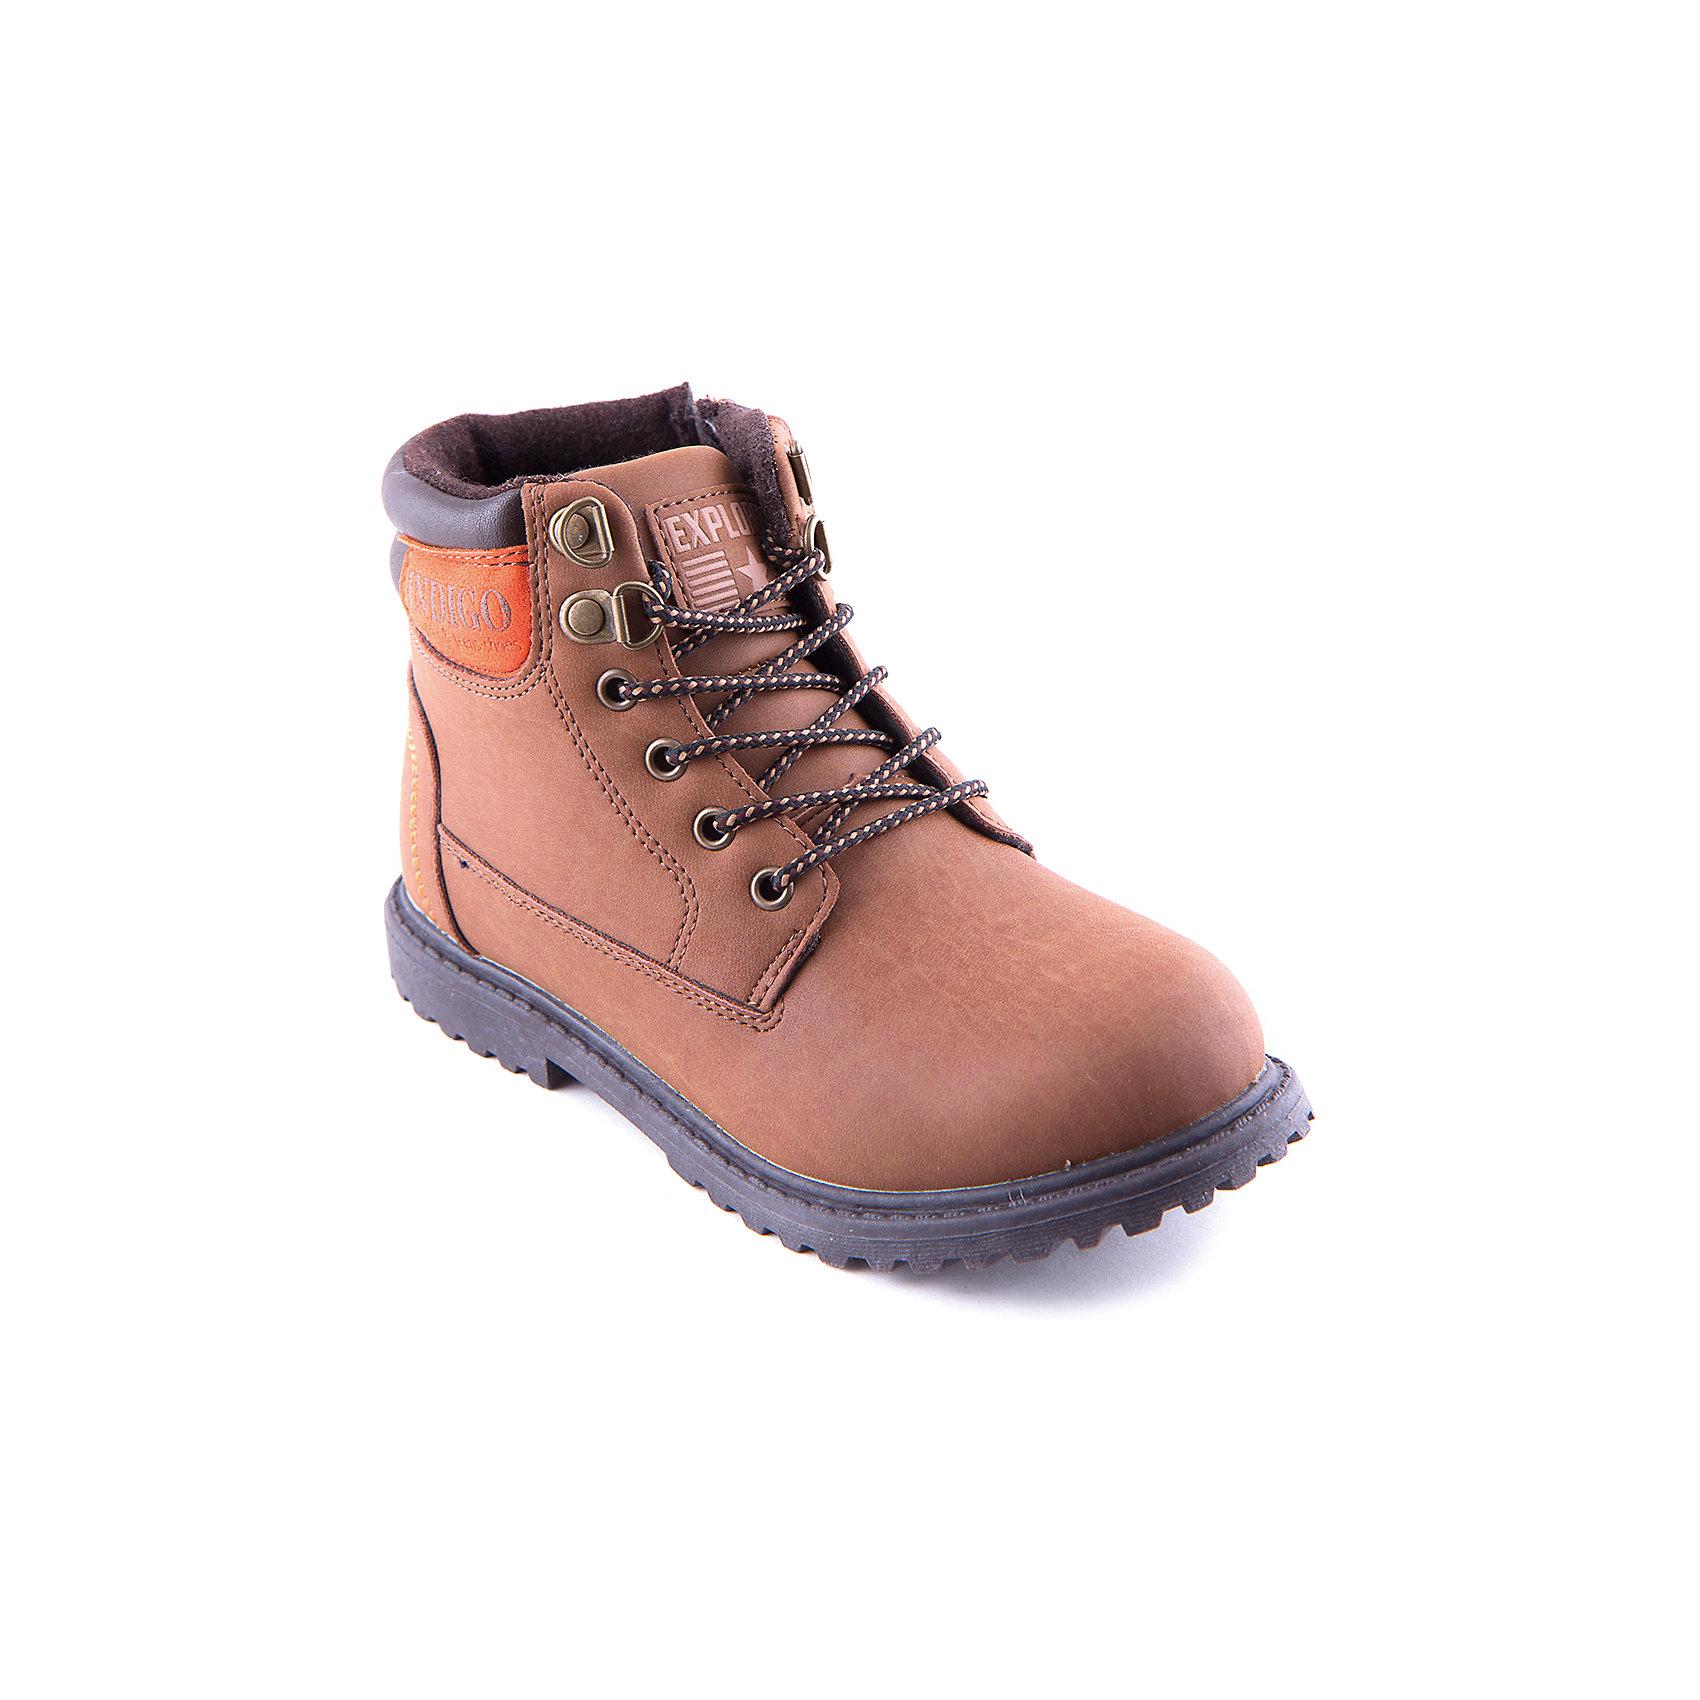 Ботинки для мальчика Indigo kidsБотинки для мальчика Indigo kids удобный и практичный вариант для холодной погоды. Модель  выполнена из высококачественных материалов, имеет мягкую теплую подкладку.  Ботинки завязываются на шнурки или же застегиваются на молнию, имеют рифленую подошву, декорированы аппликацией. <br><br>Дополнительная информация:<br><br>- Сезон: осень/весна<br>- Температурный режим: от +10? до - 5?.<br>- Тип застежки:  молния, шнурки.<br>- Рифленая подошва.<br>- Декоративные элементы:  аппликация.<br>Параметры для размера 32<br>- Толщина подошвы: 1,5 см.<br>- Высота каблука: 2 см.<br>Состав:<br>Материал верха: кожа искусственная.<br>Материал подкладки: шерсть.<br>Стелька: шерсть.<br>Подошва: ТЭП.<br><br>Ботинки для мальчика Indigo kids (Индиго Кидс) можно купить в нашем магазине.<br><br>Ширина мм: 262<br>Глубина мм: 176<br>Высота мм: 97<br>Вес г: 427<br>Цвет: оранжевый<br>Возраст от месяцев: 132<br>Возраст до месяцев: 144<br>Пол: Мужской<br>Возраст: Детский<br>Размер: 35,33,34,36,37,32<br>SKU: 4262336